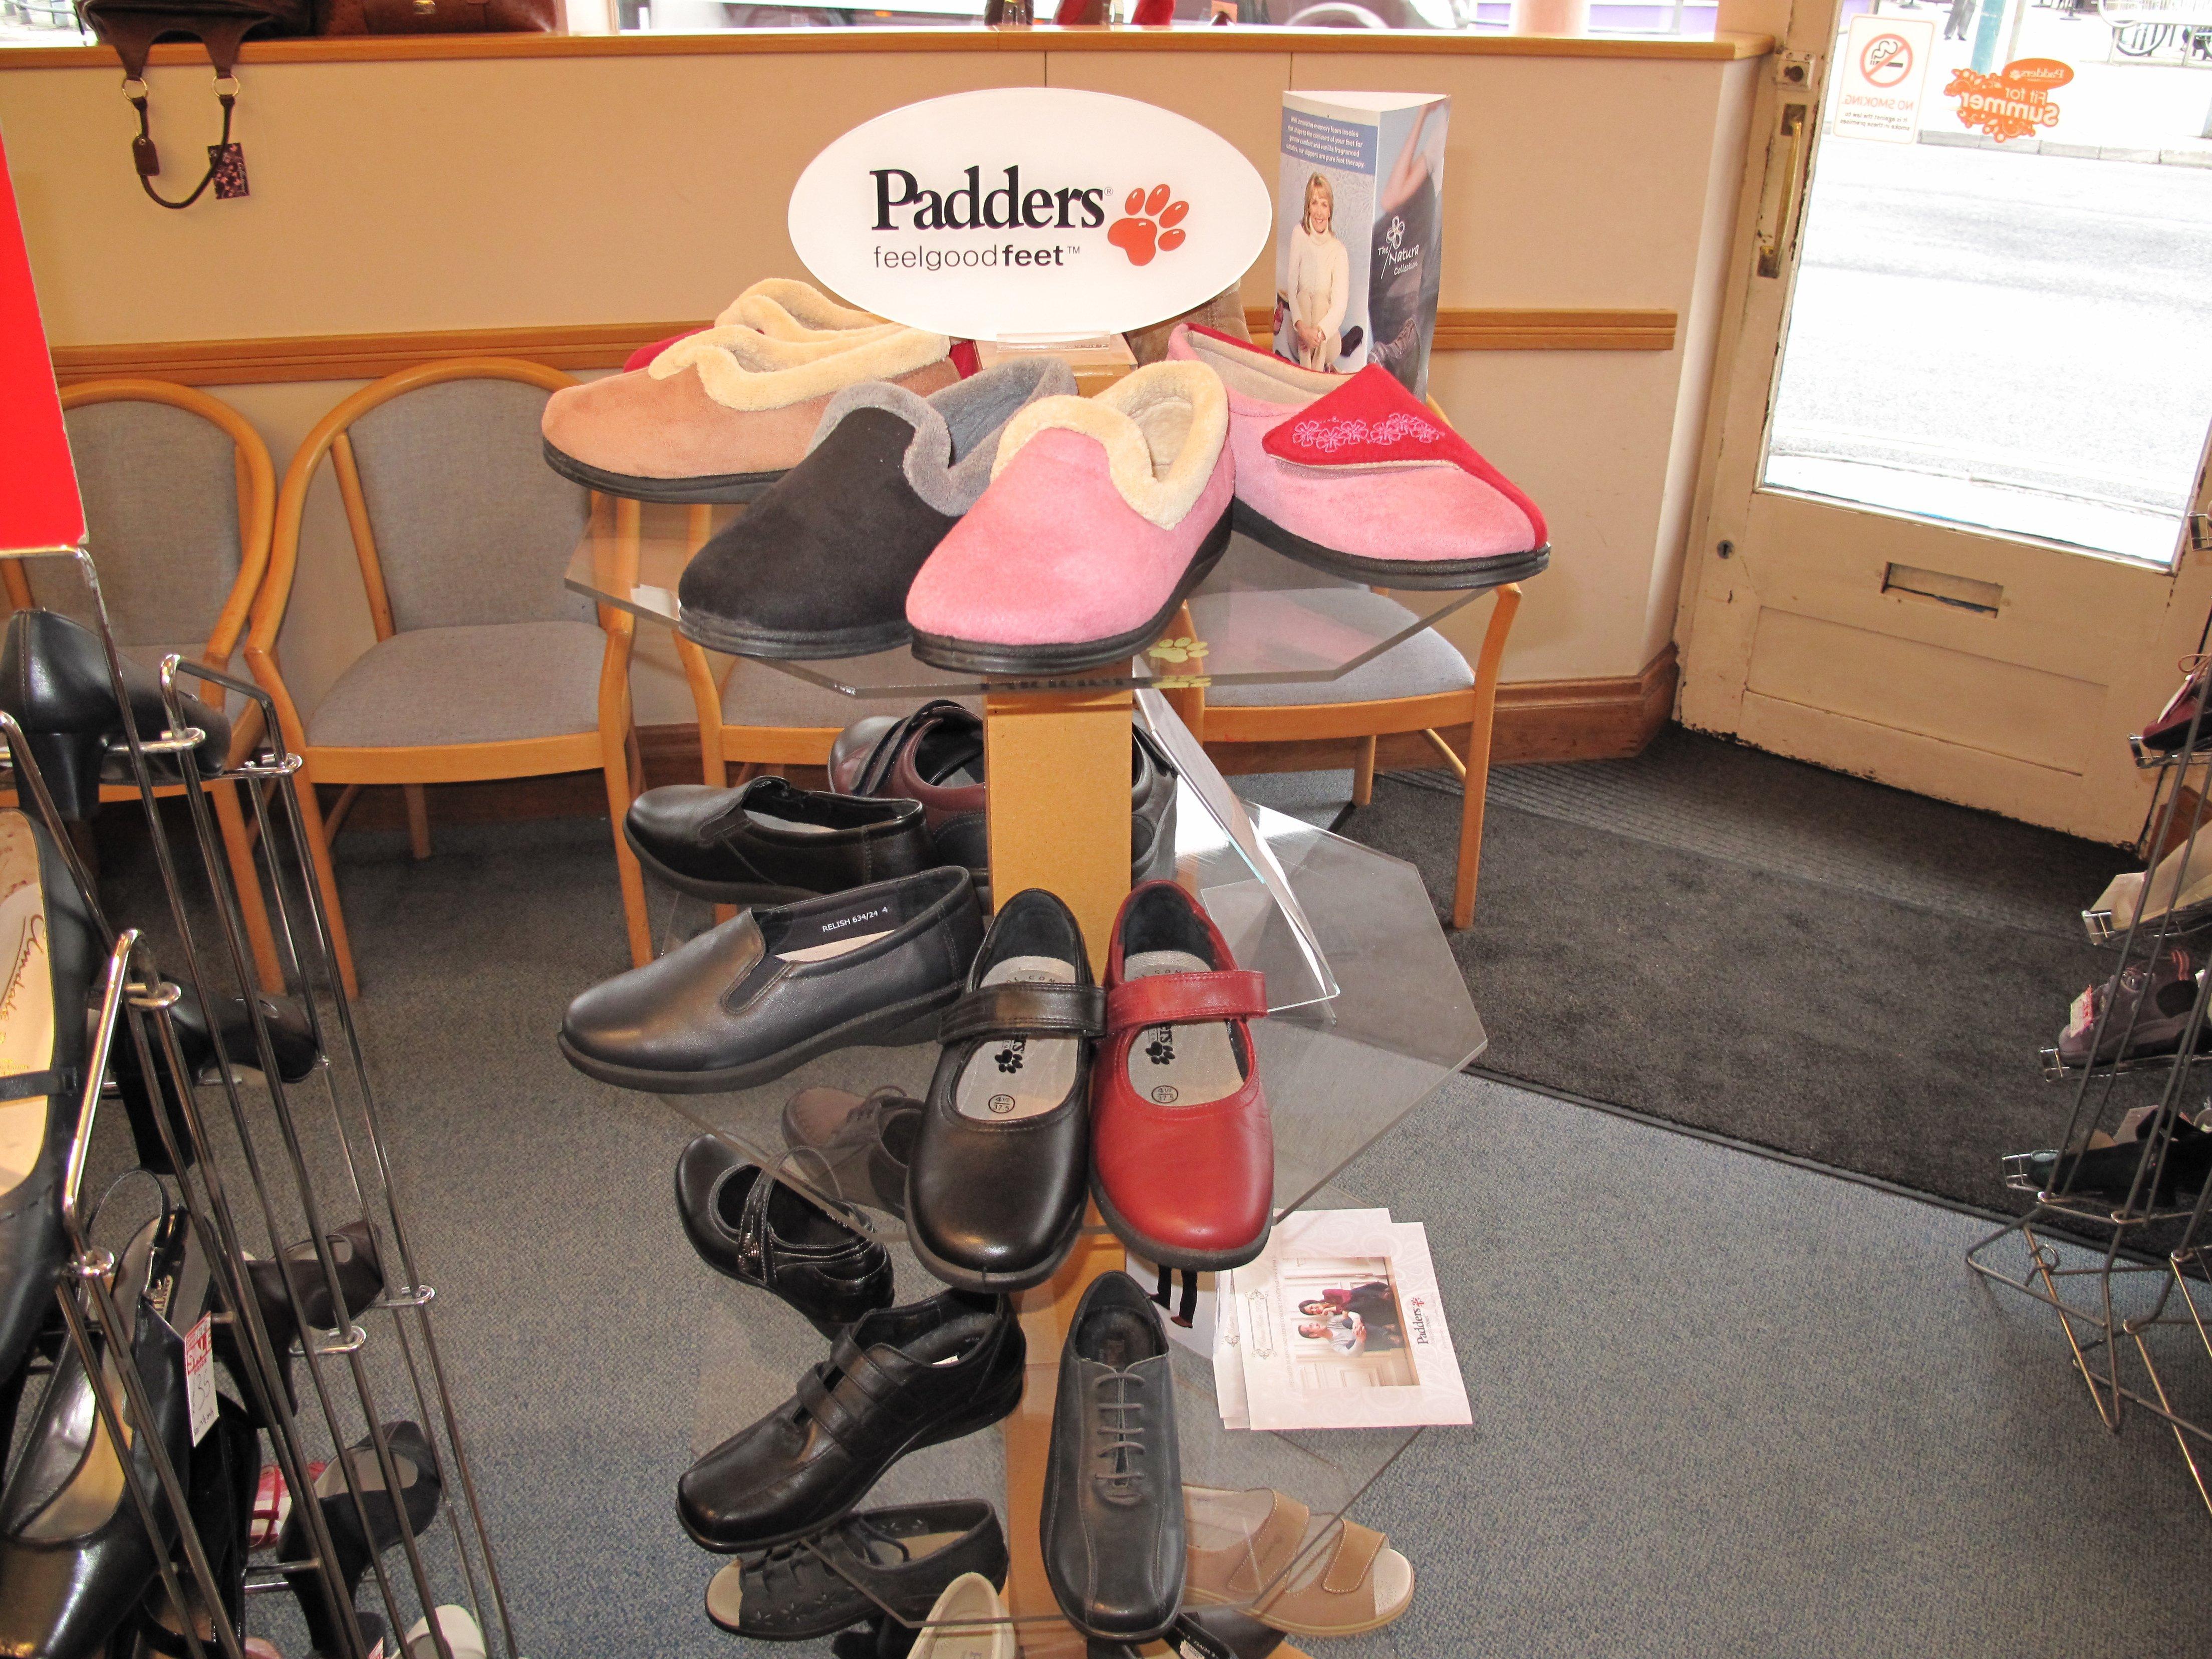 Ladies' footwear